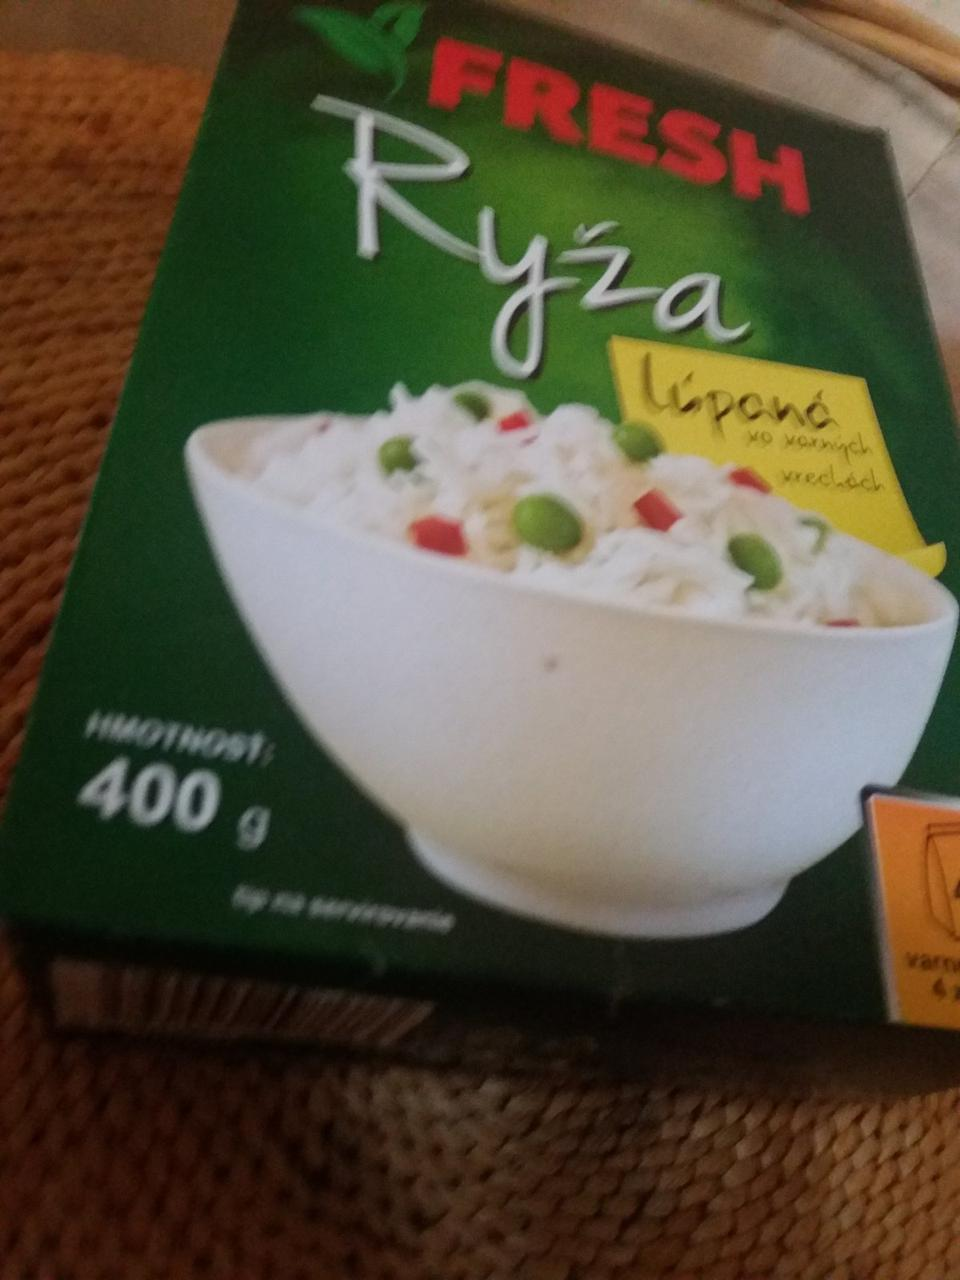 Рис для салатов в пакетах .Быстрого приготовления 400г